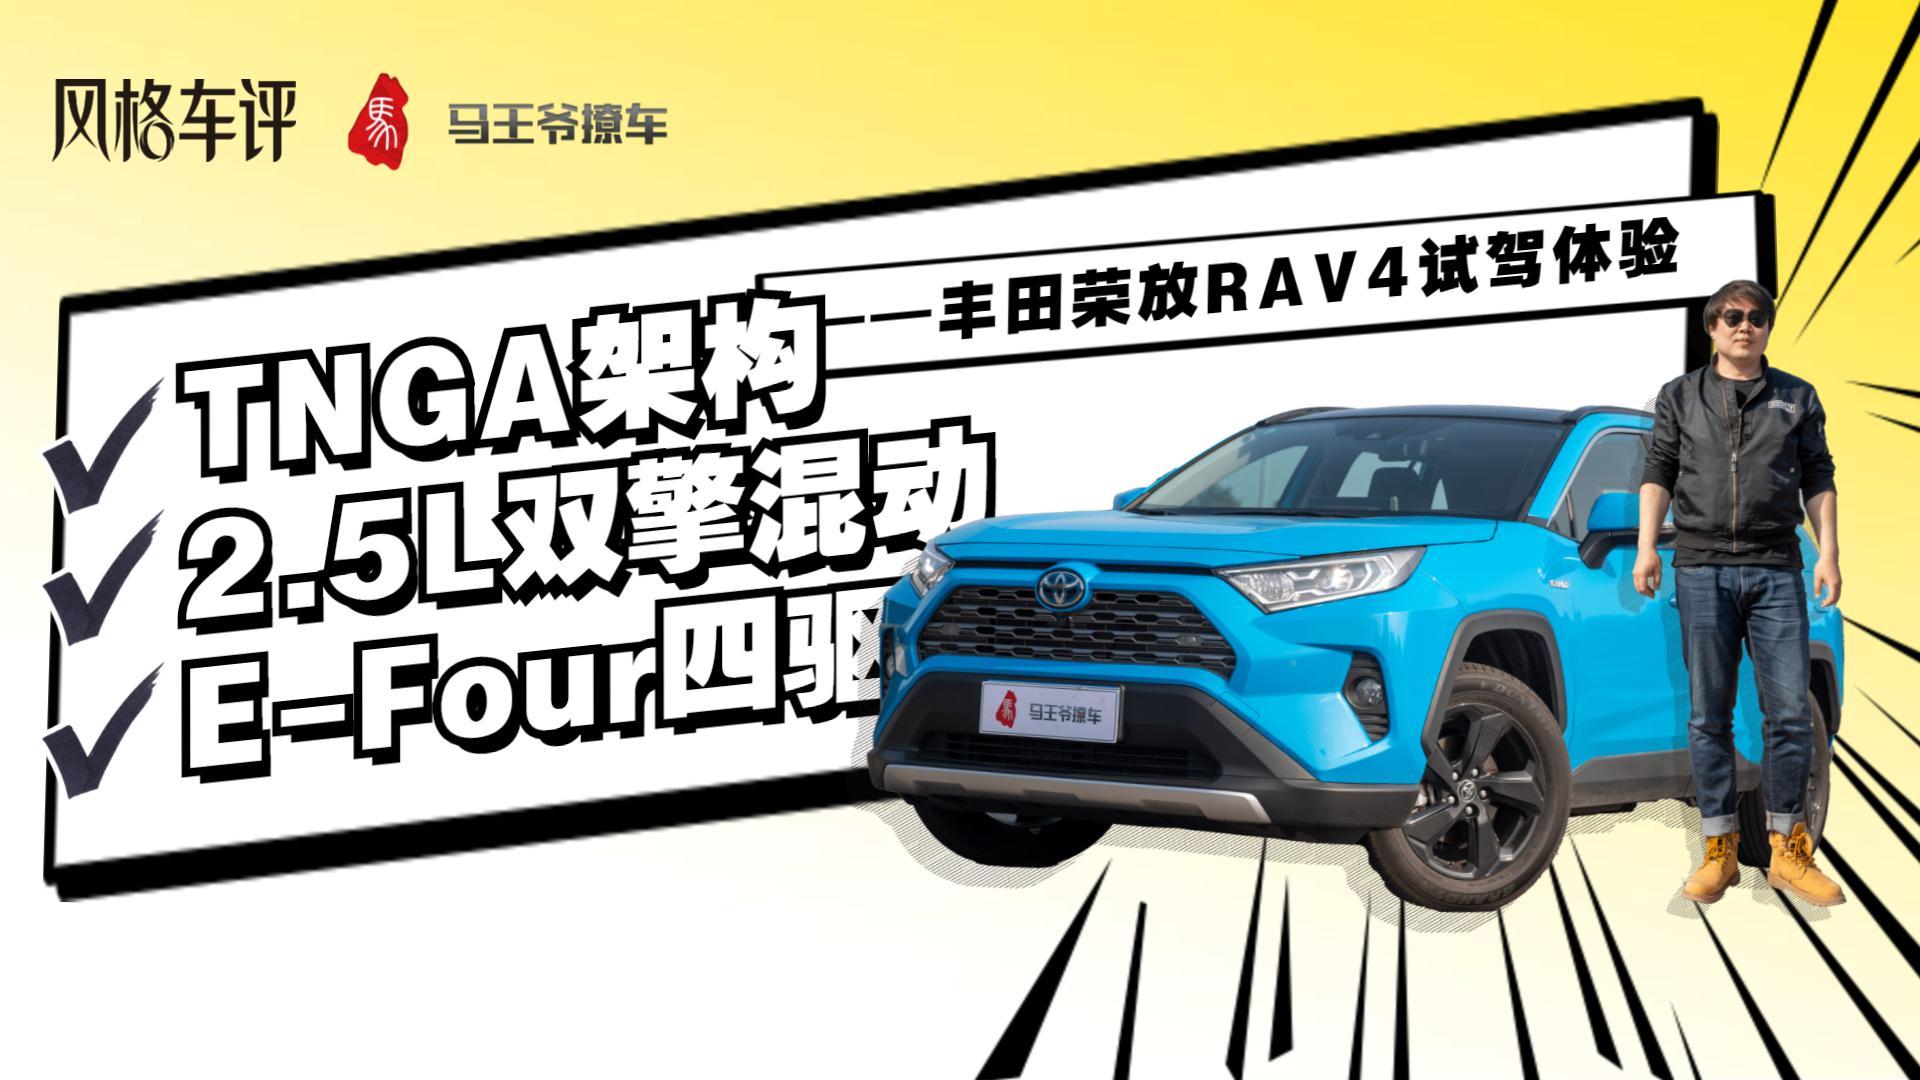 视频:TNGA架构+双擎+E-Four四驱——丰田荣放RAV4